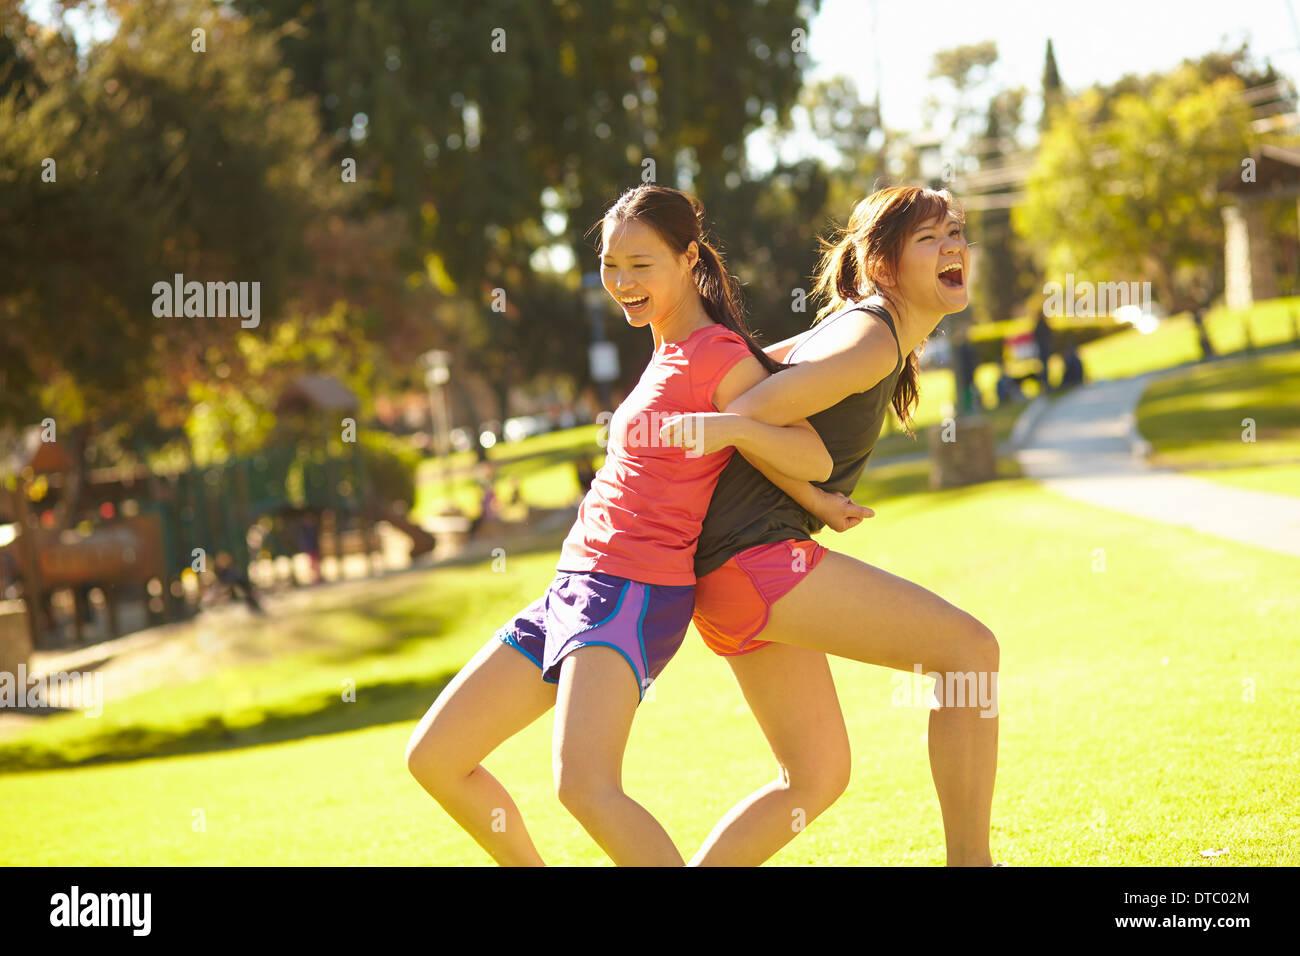 Due giovani donne a braccetto e schiena a schiena in posizione di parcheggio Immagini Stock